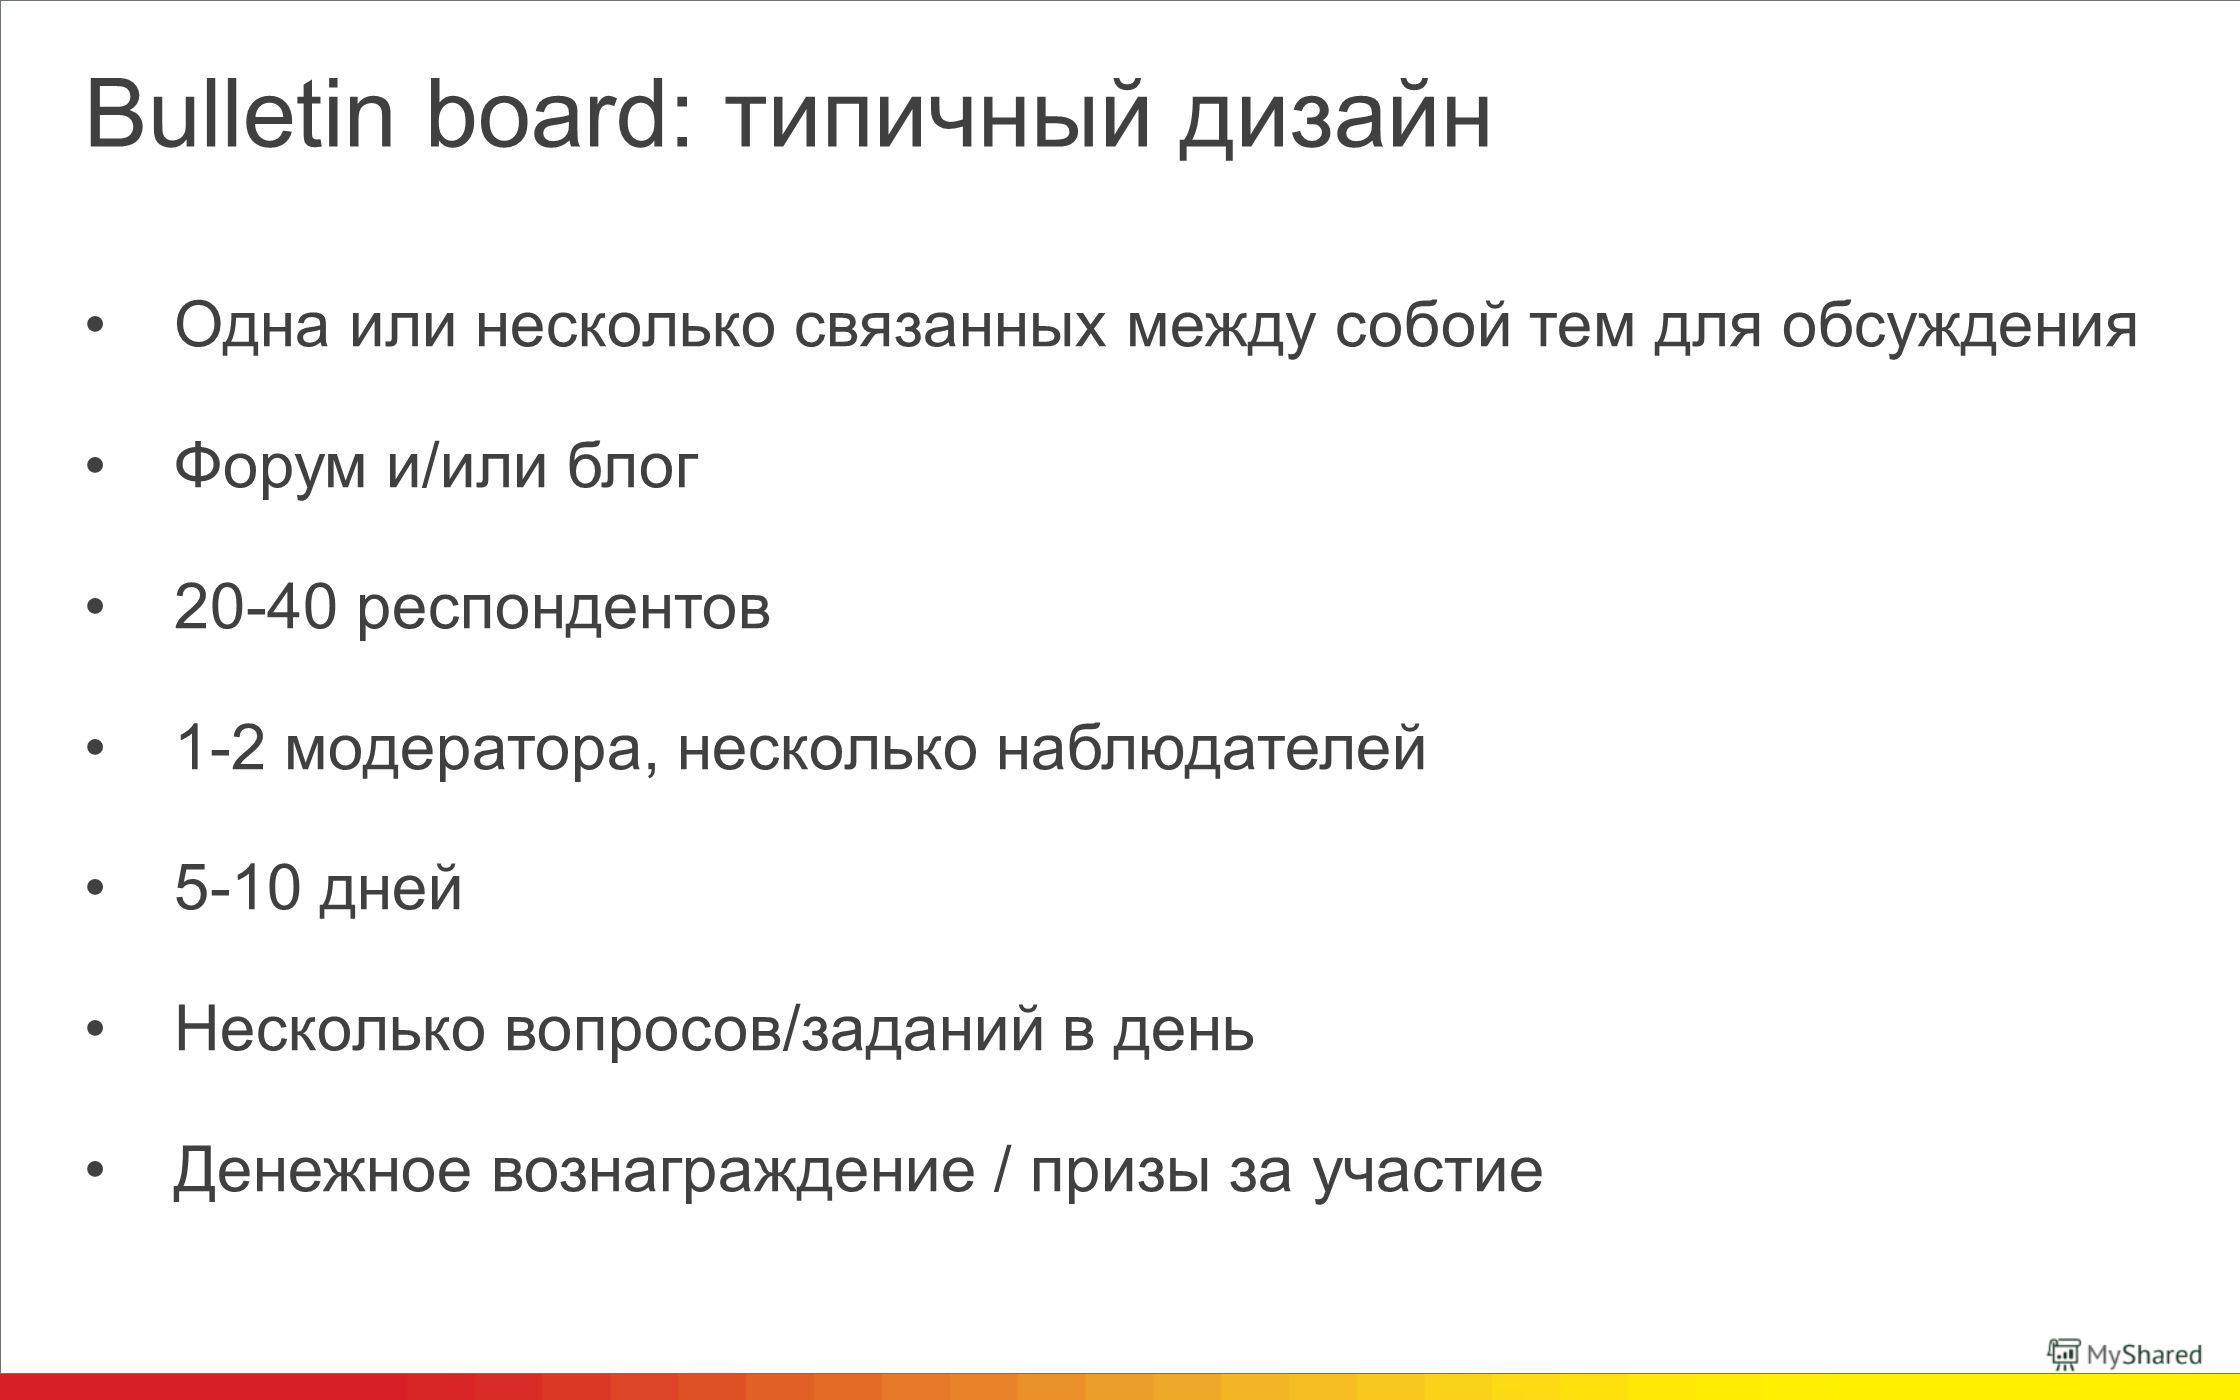 © 2012, Tiburon Research Bulletin board: типичный дизайн Одна или несколько связанных между собой тем для обсуждения Форум и/или блог 20-40 респондентов 1-2 модератора, несколько наблюдателей 5-10 дней Несколько вопросов/заданий в день Денежное возна